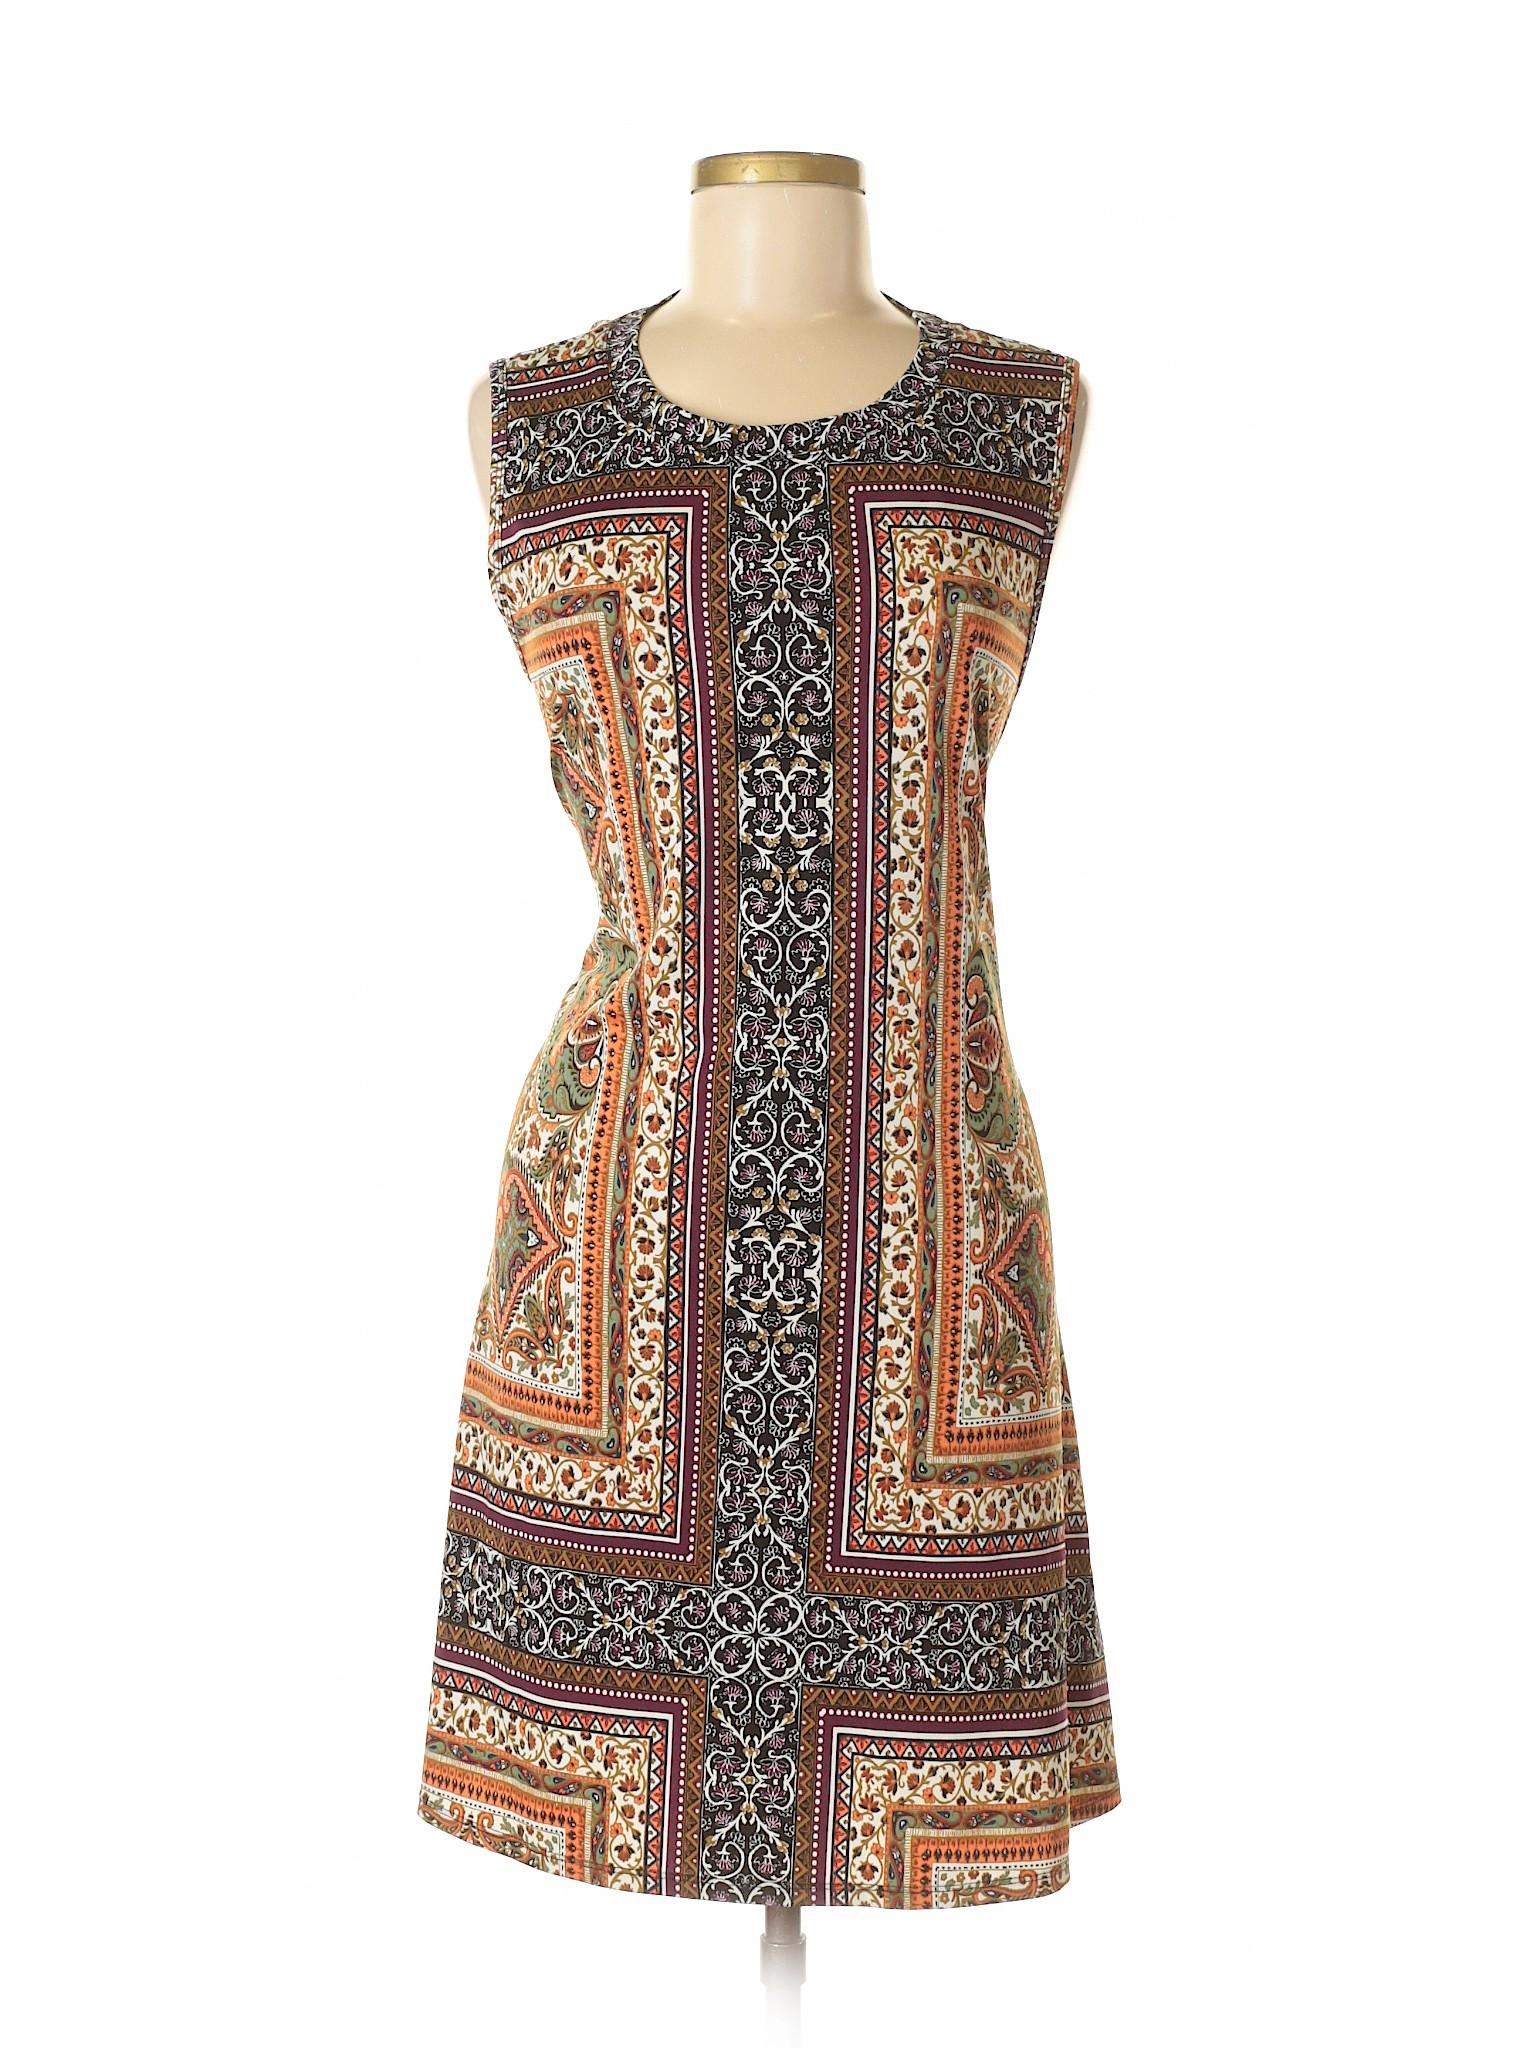 AB winter Dress Casual Studio Boutique wfYdxR5qq